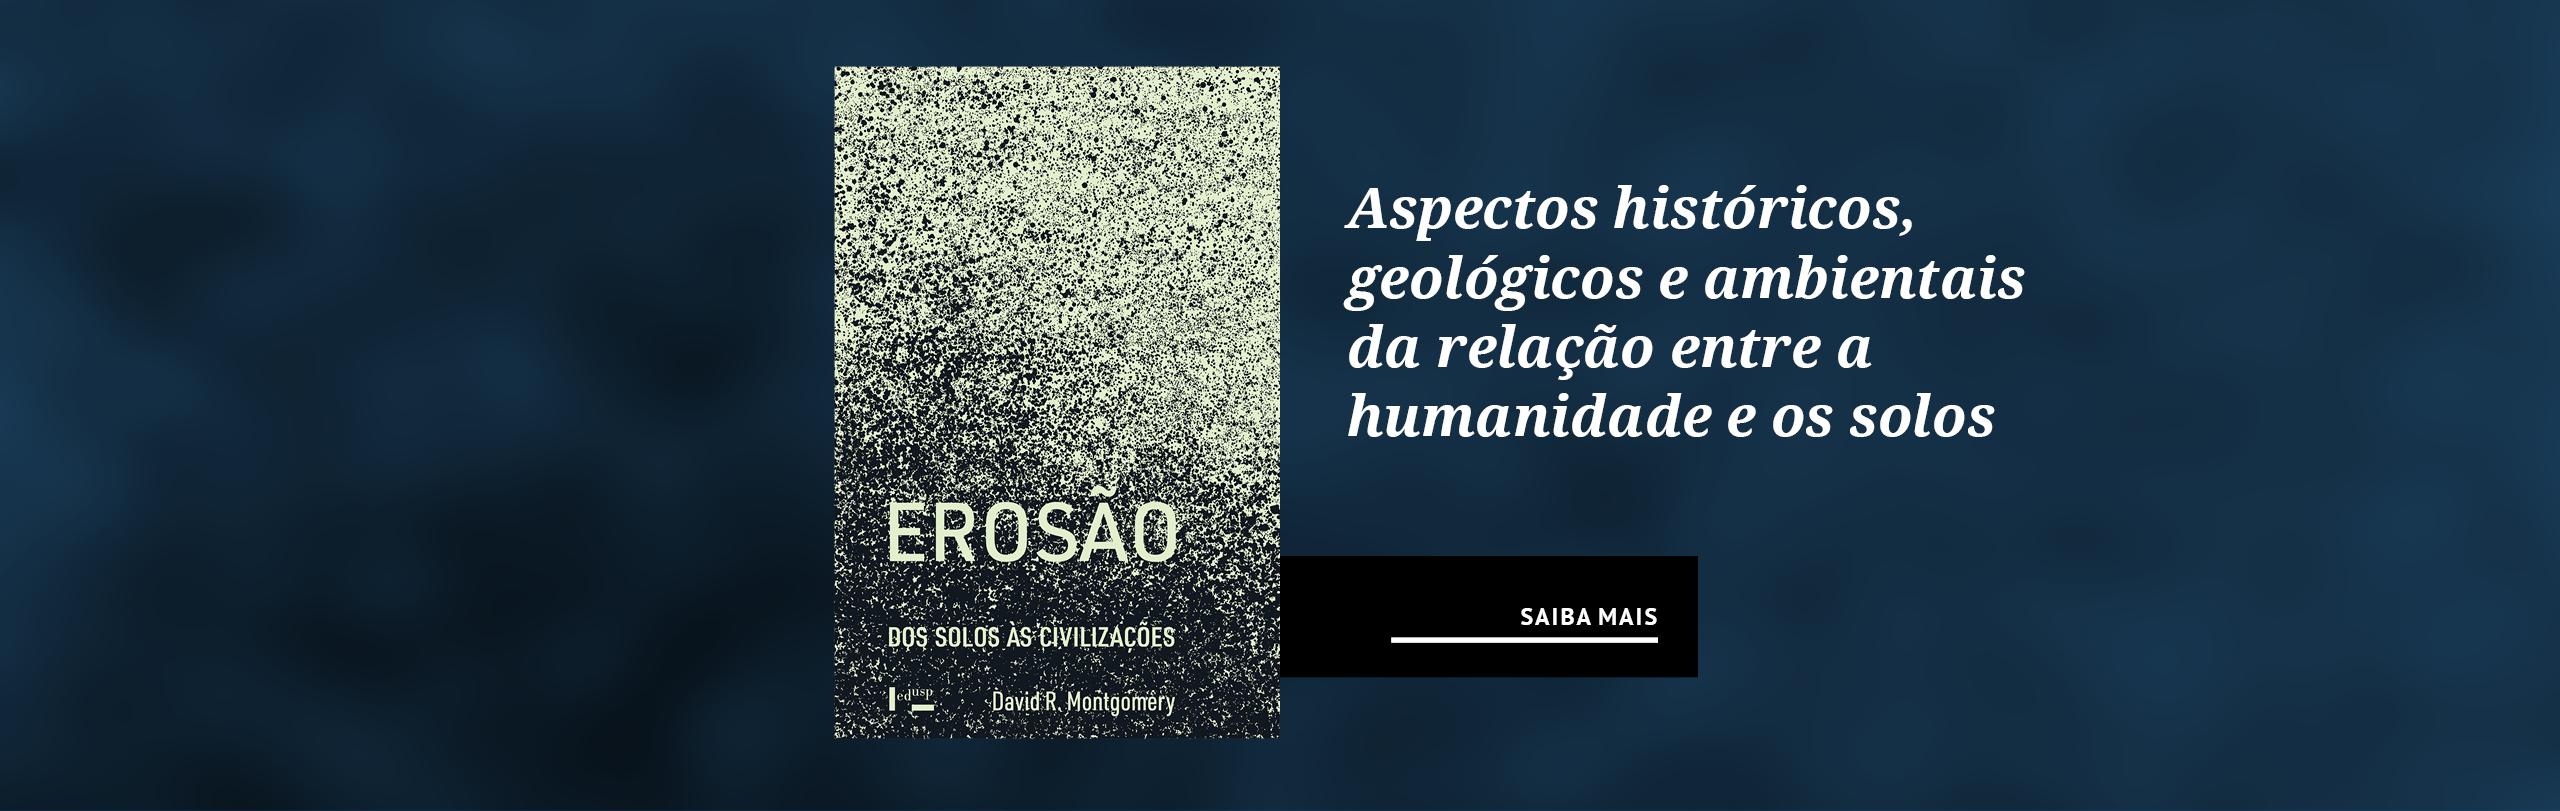 Aspectos históricos, geológicos e ambientais da relação entre a humanidade e os solos